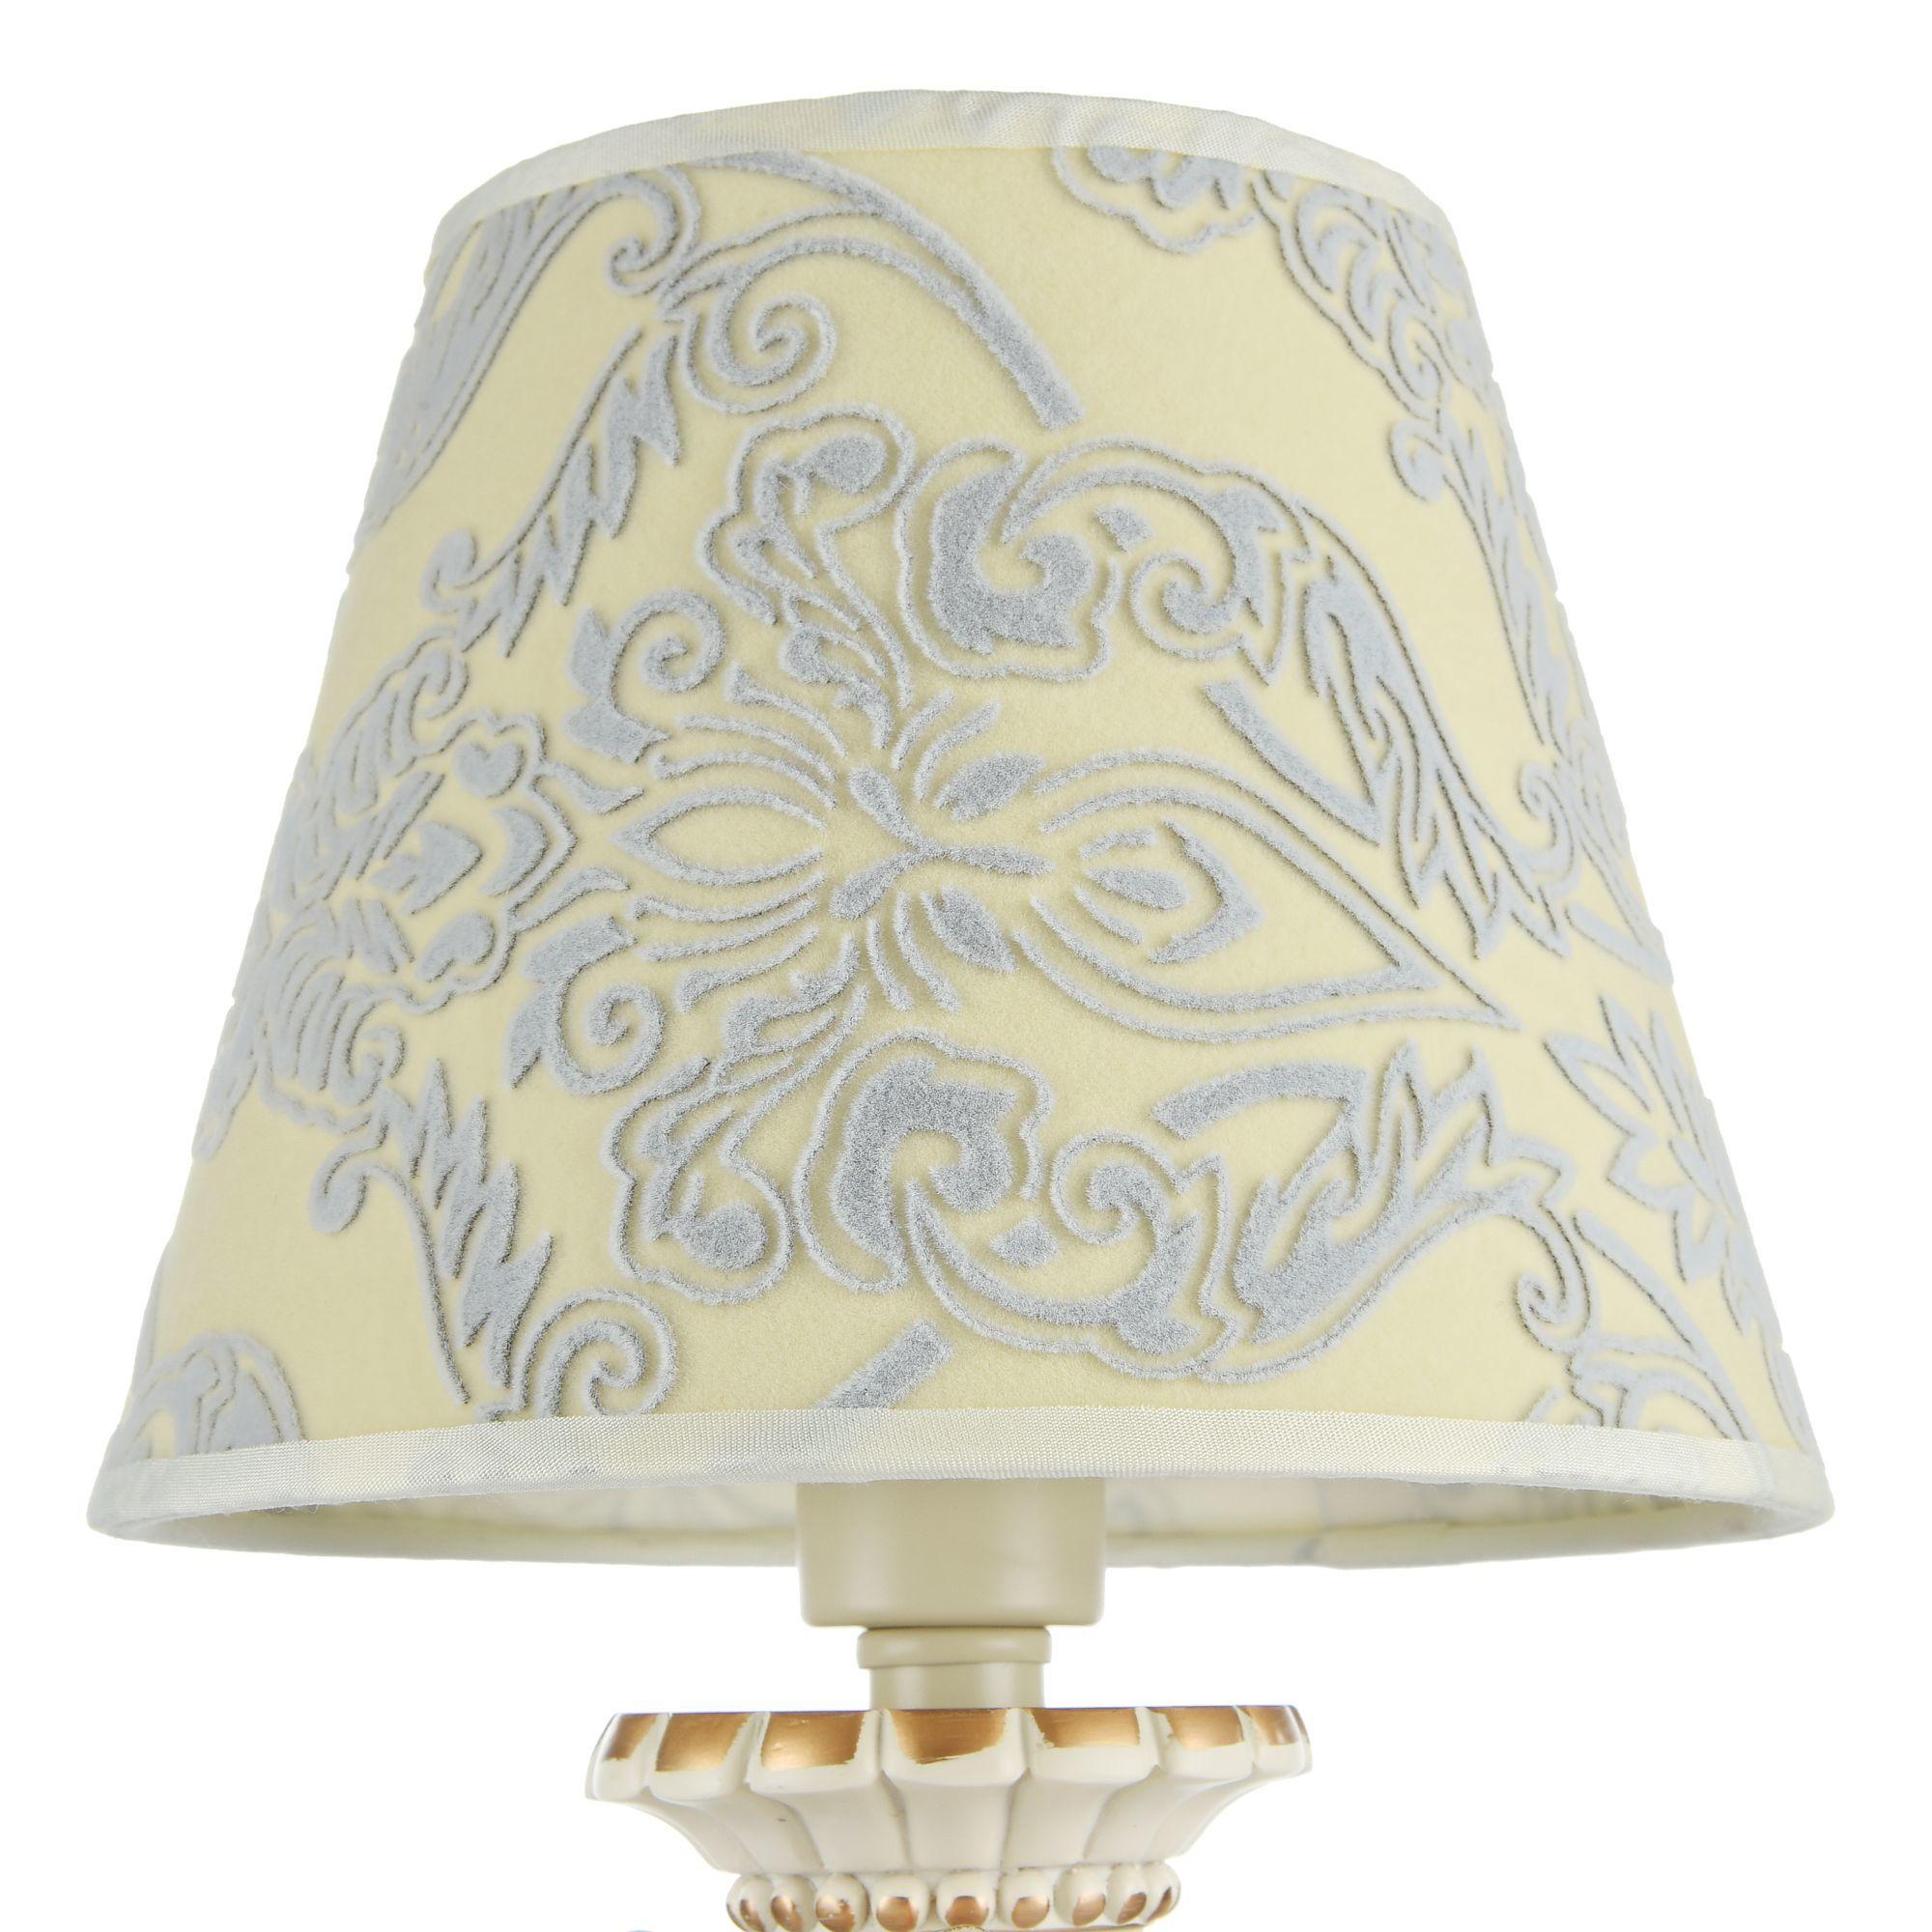 Настольная лампа Maytoni Velvet ARM219-00-G, 1xE14x40W, белый, матовое золото, бежевый, прозрачный, металл, текстиль, стекло - фото 7